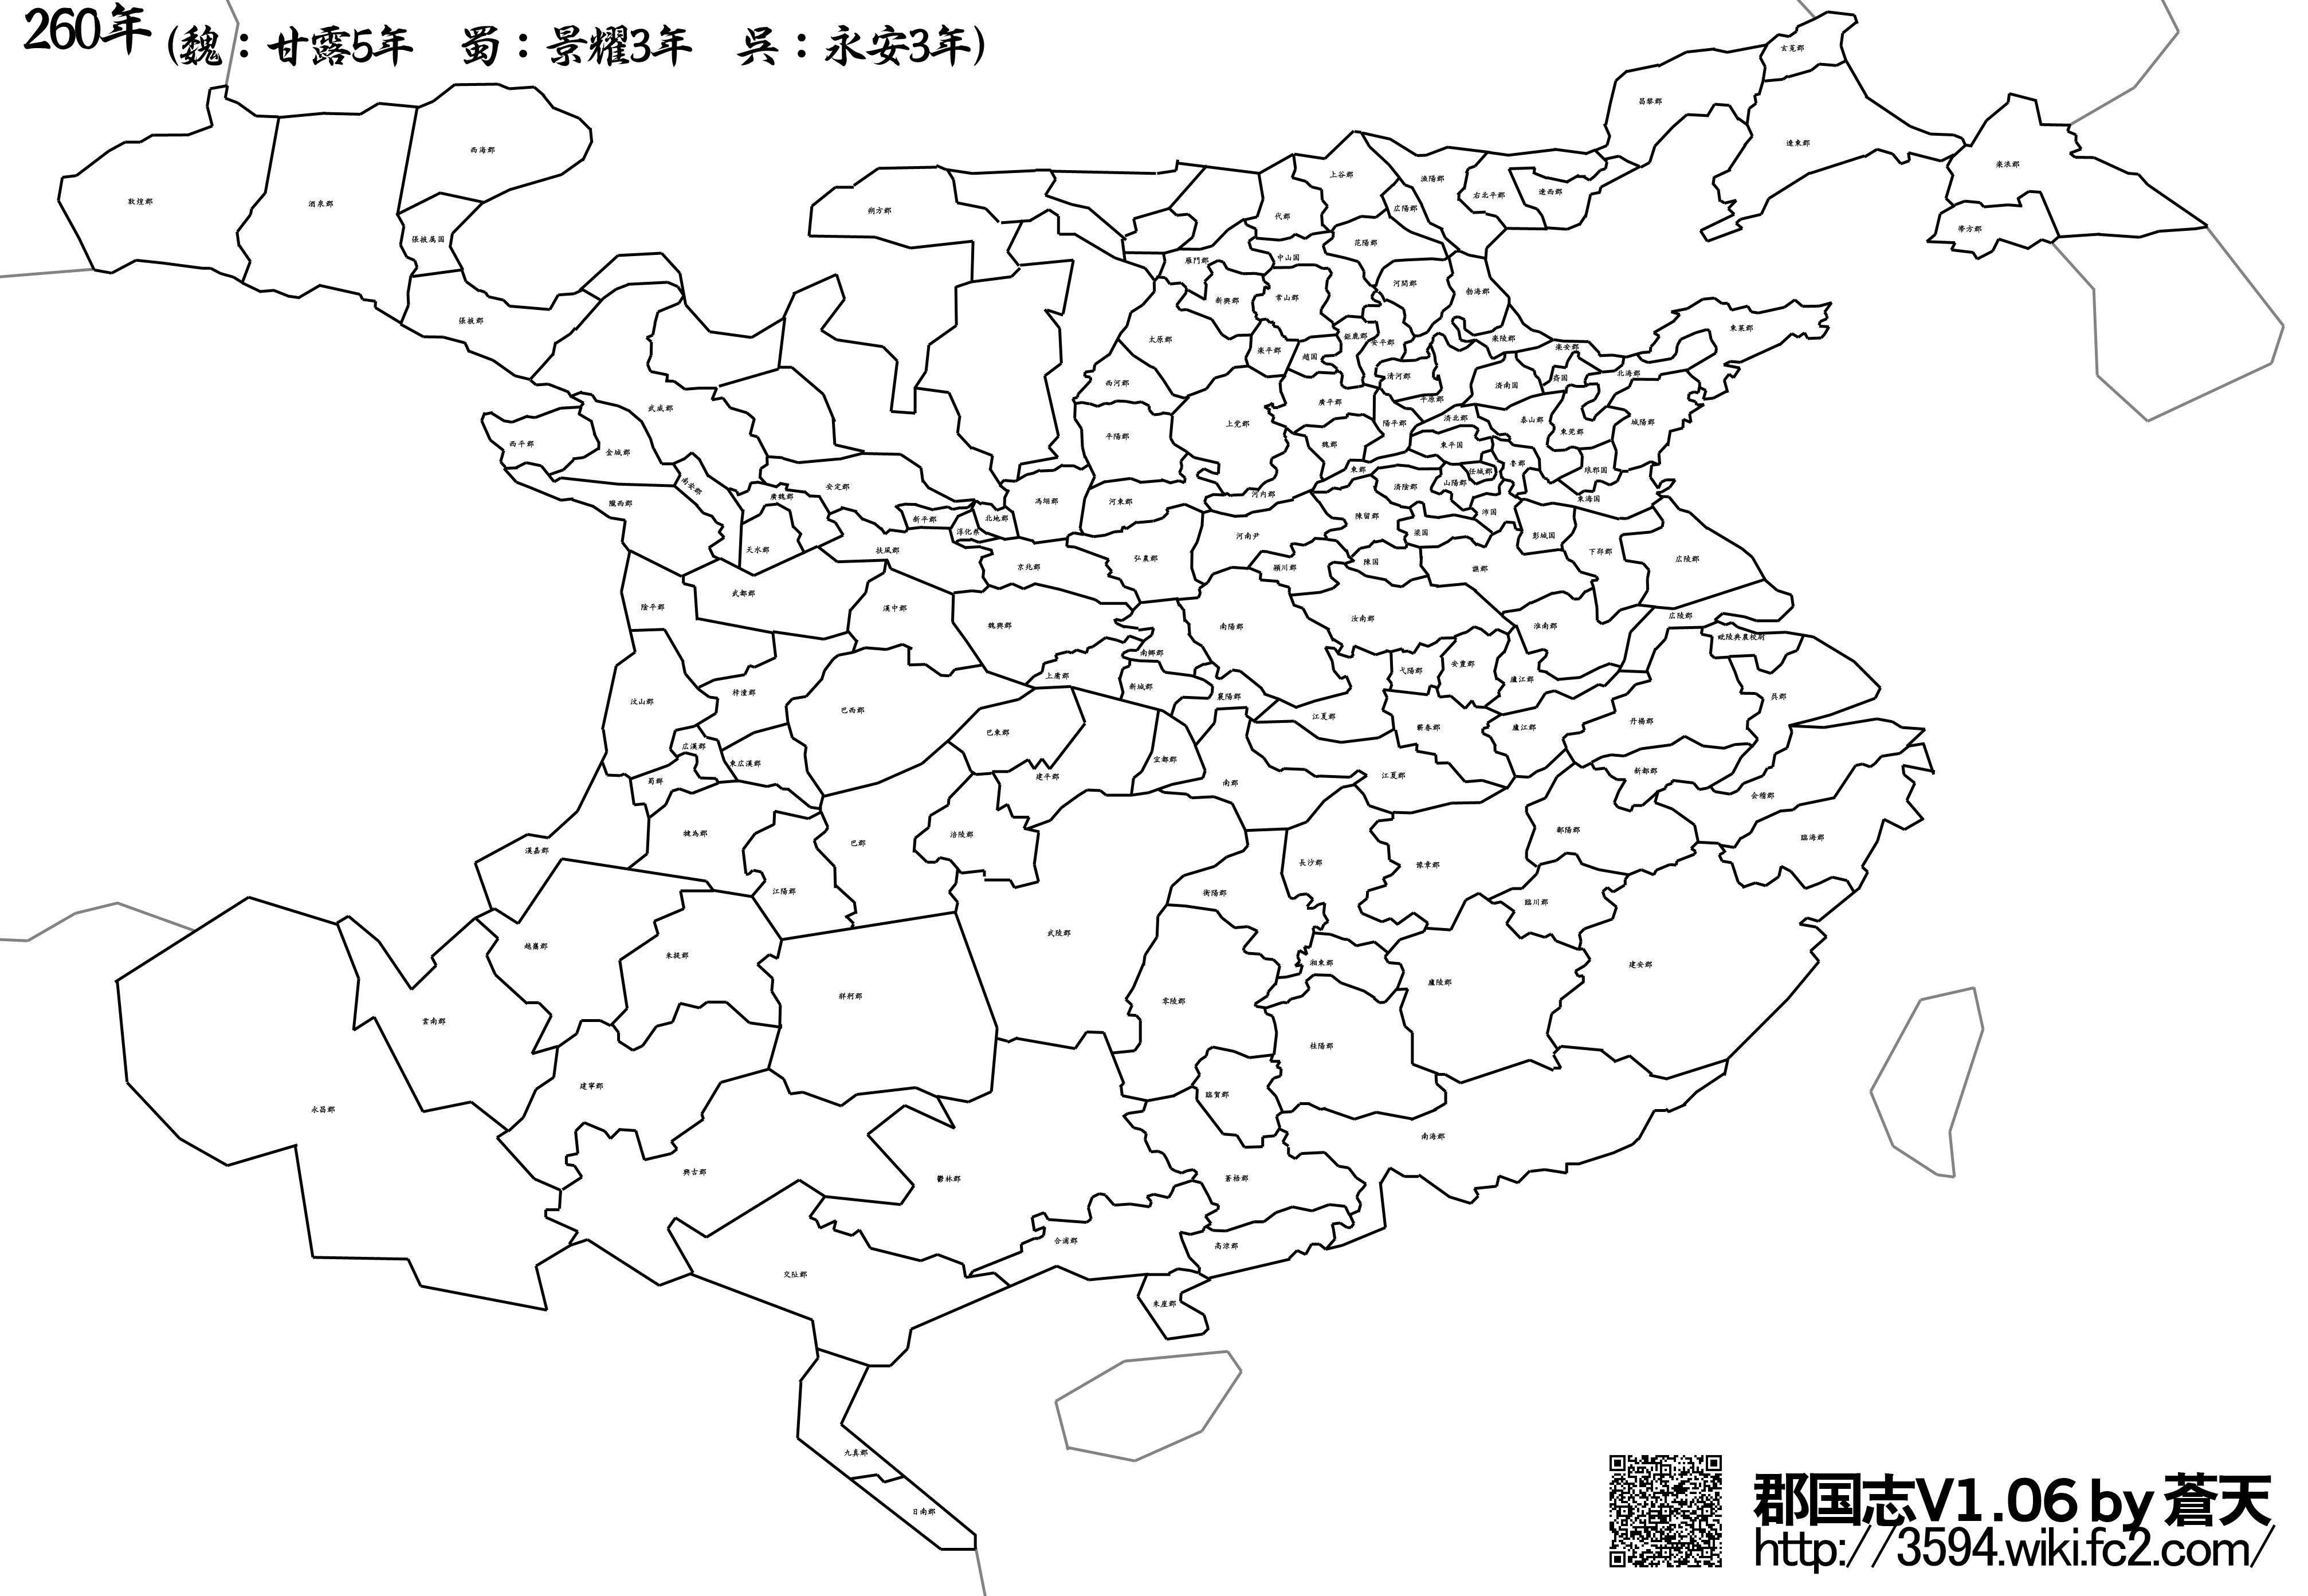 郡国志v106_260年